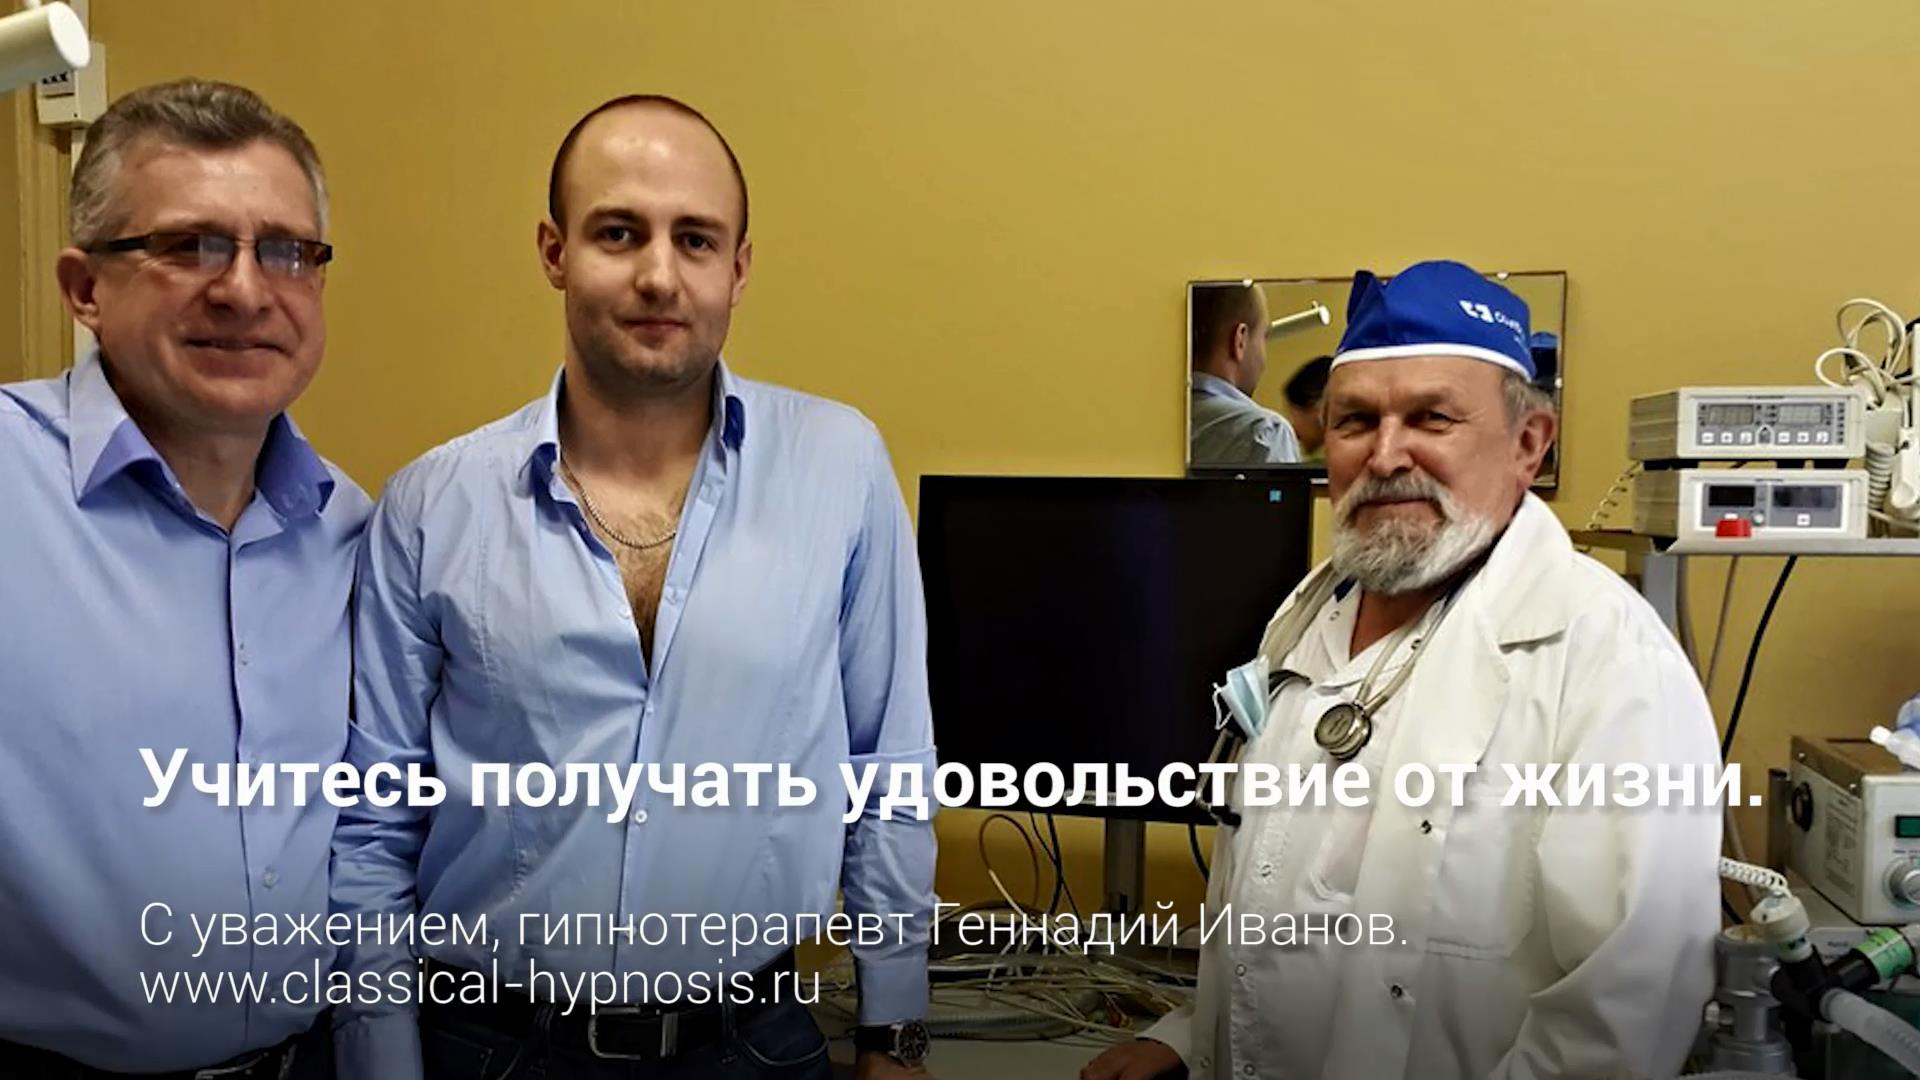 Фобии, страхи - лечение гипнозом фобического